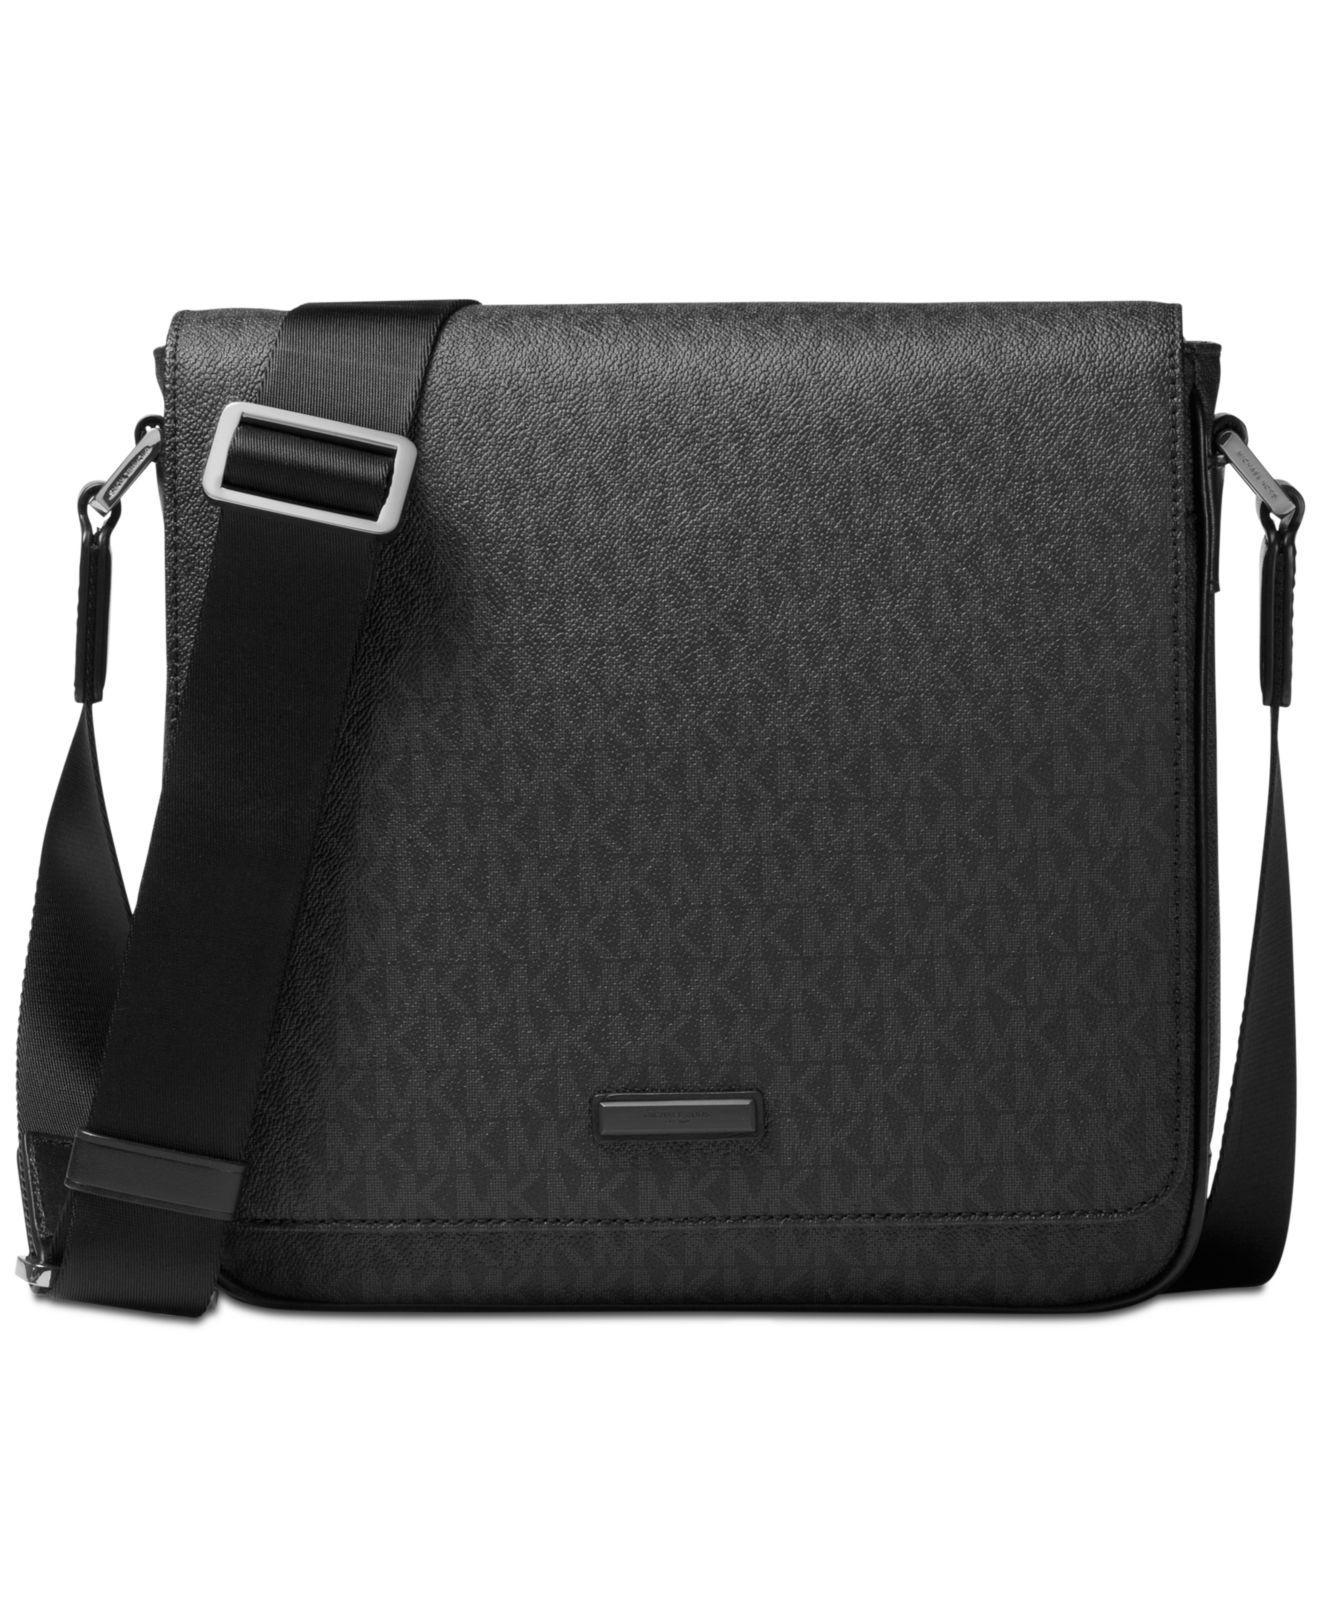 e0e7d1fc1b ... promo code for michael kors black logo print messenger bag for men  lyst. view fullscreen